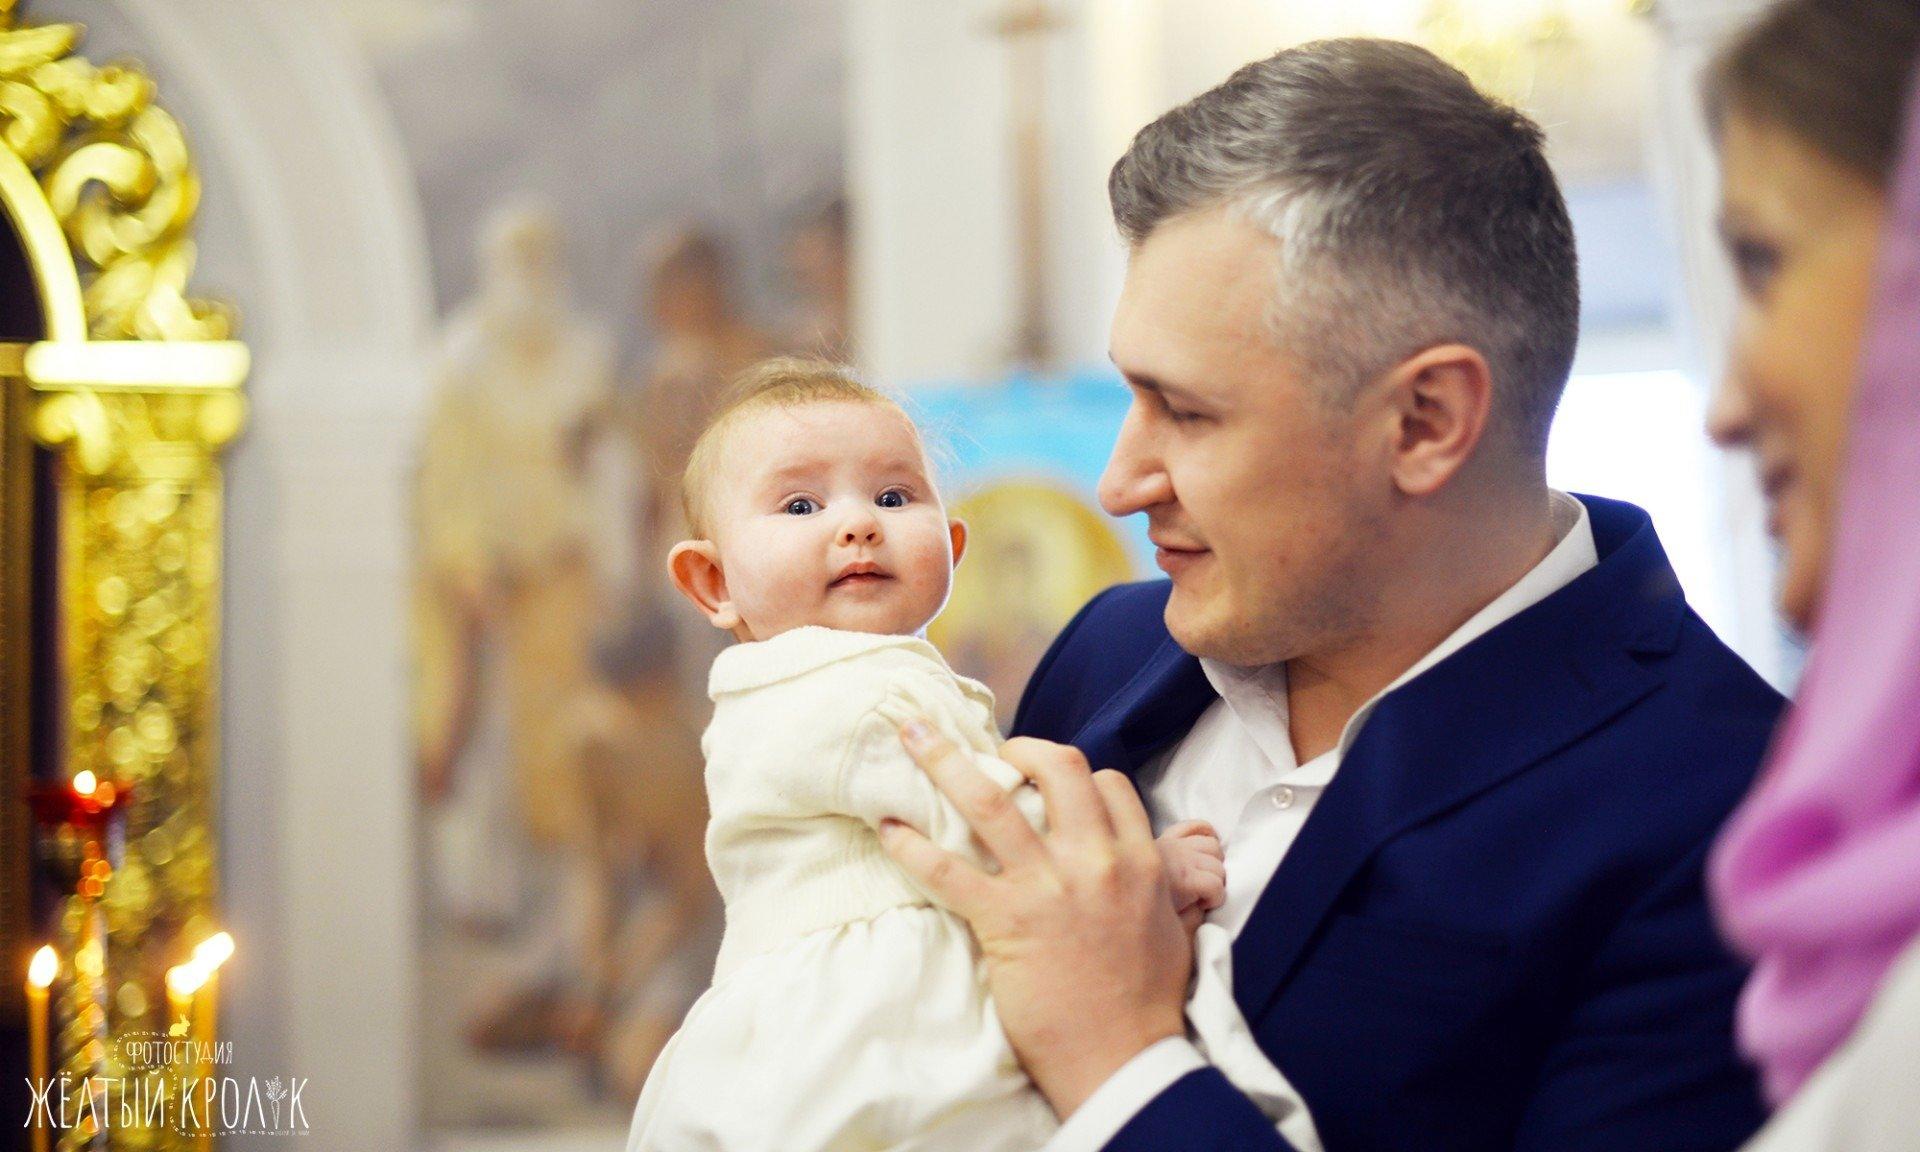 маленький ребенок и папа в церкви фото - фотосъемка крестин в фотостудии желтый кролик